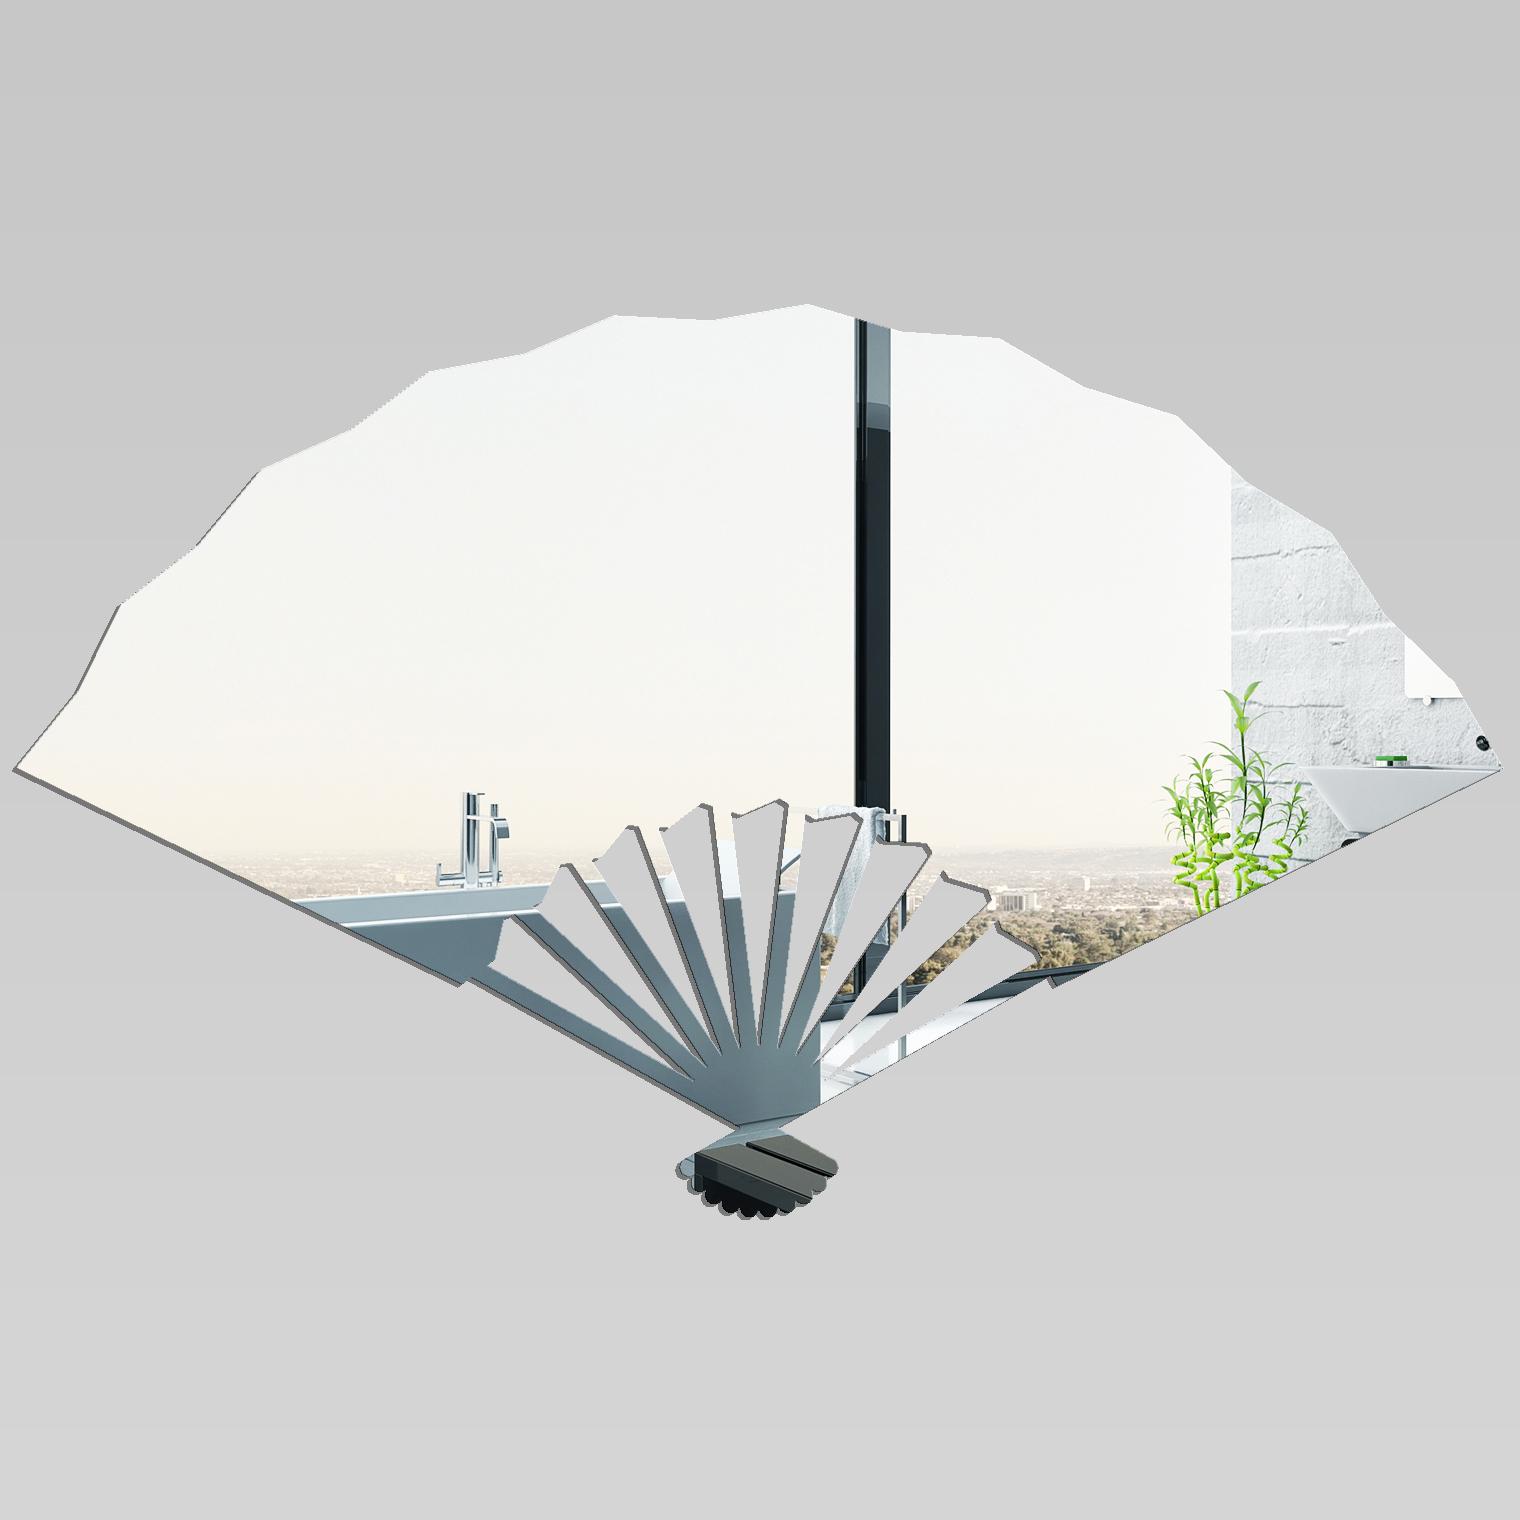 Miroir plexiglass acrylique evantail pas cher for Miroir acrylique